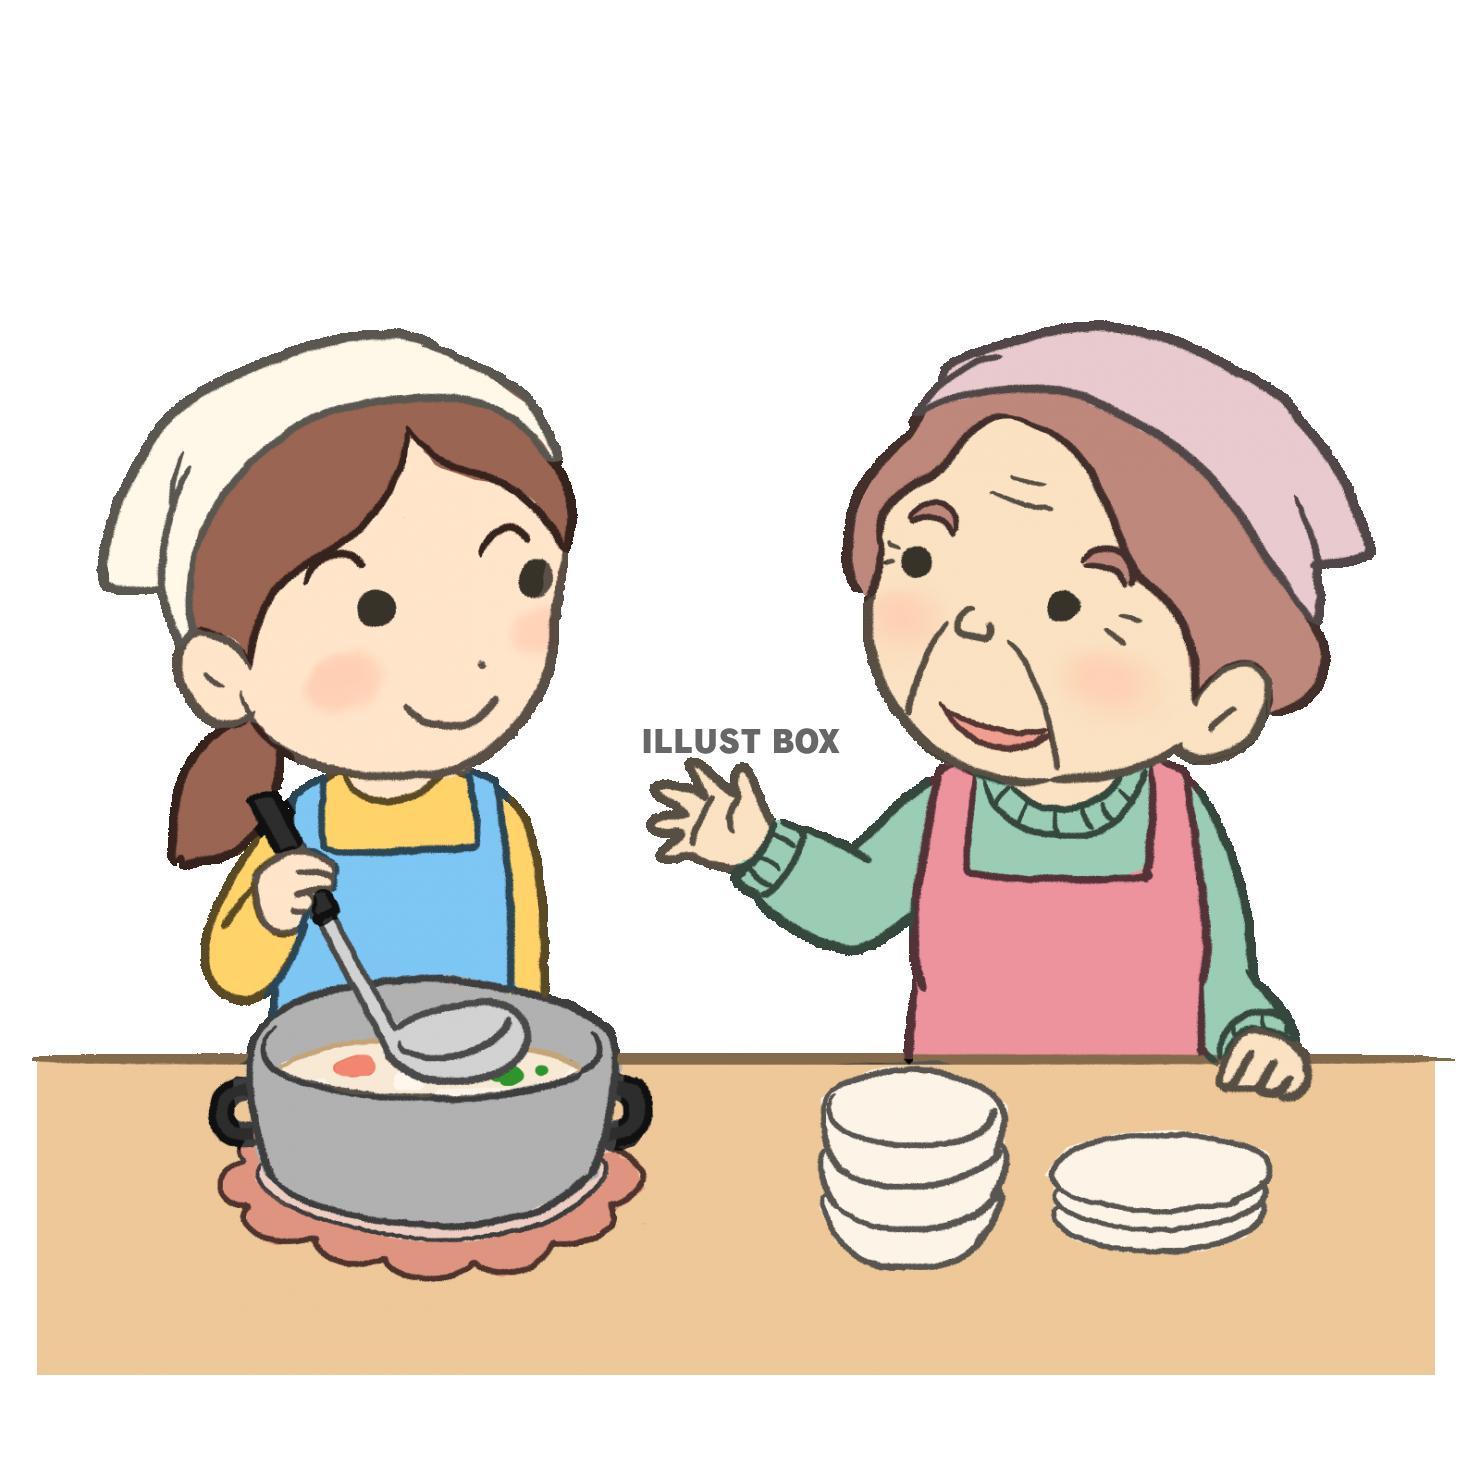 無料イラスト 孫と料理